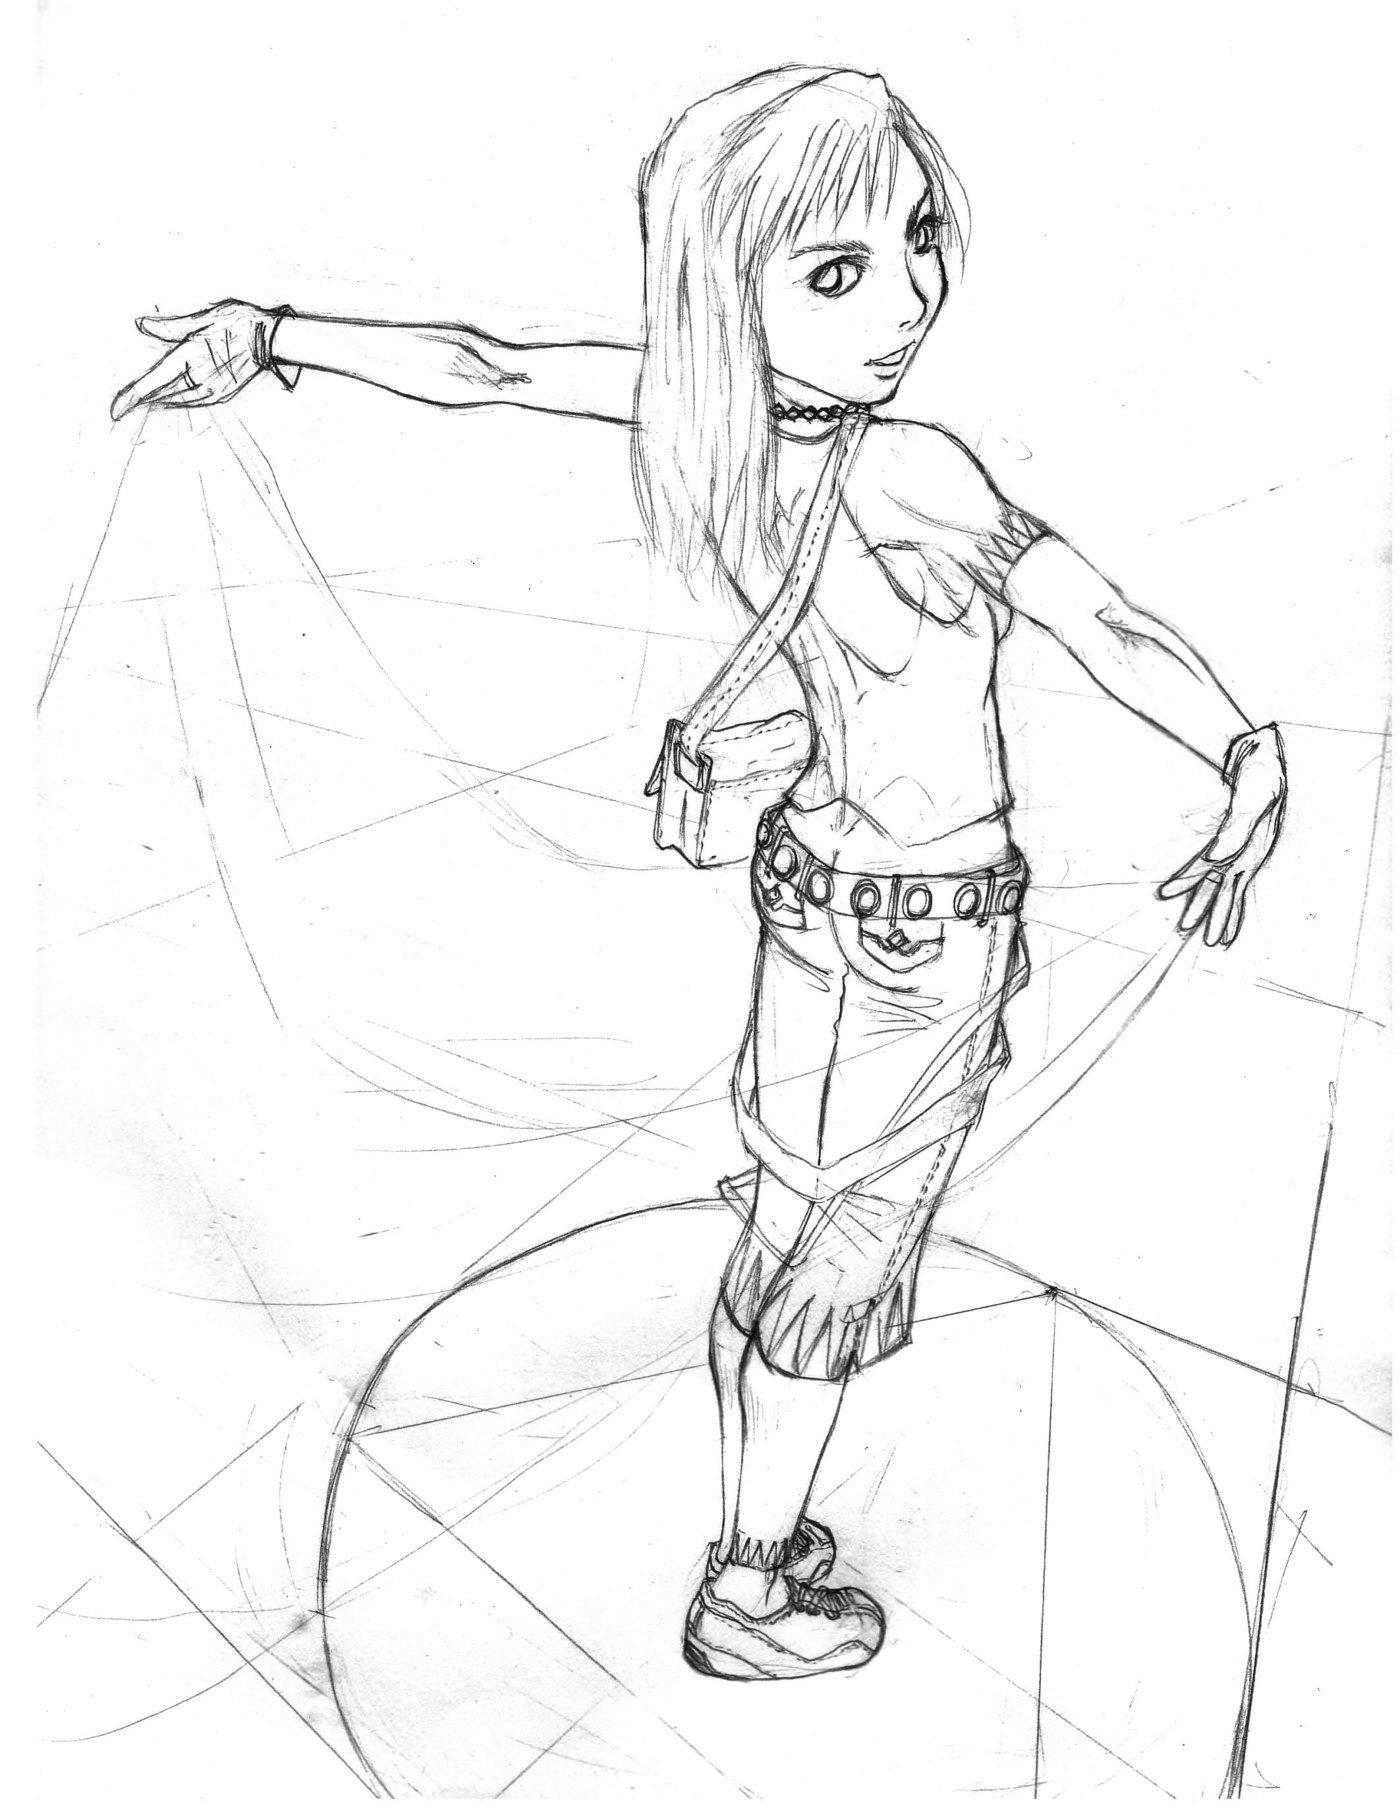 Illustrations by David Huang at Coroflot.com